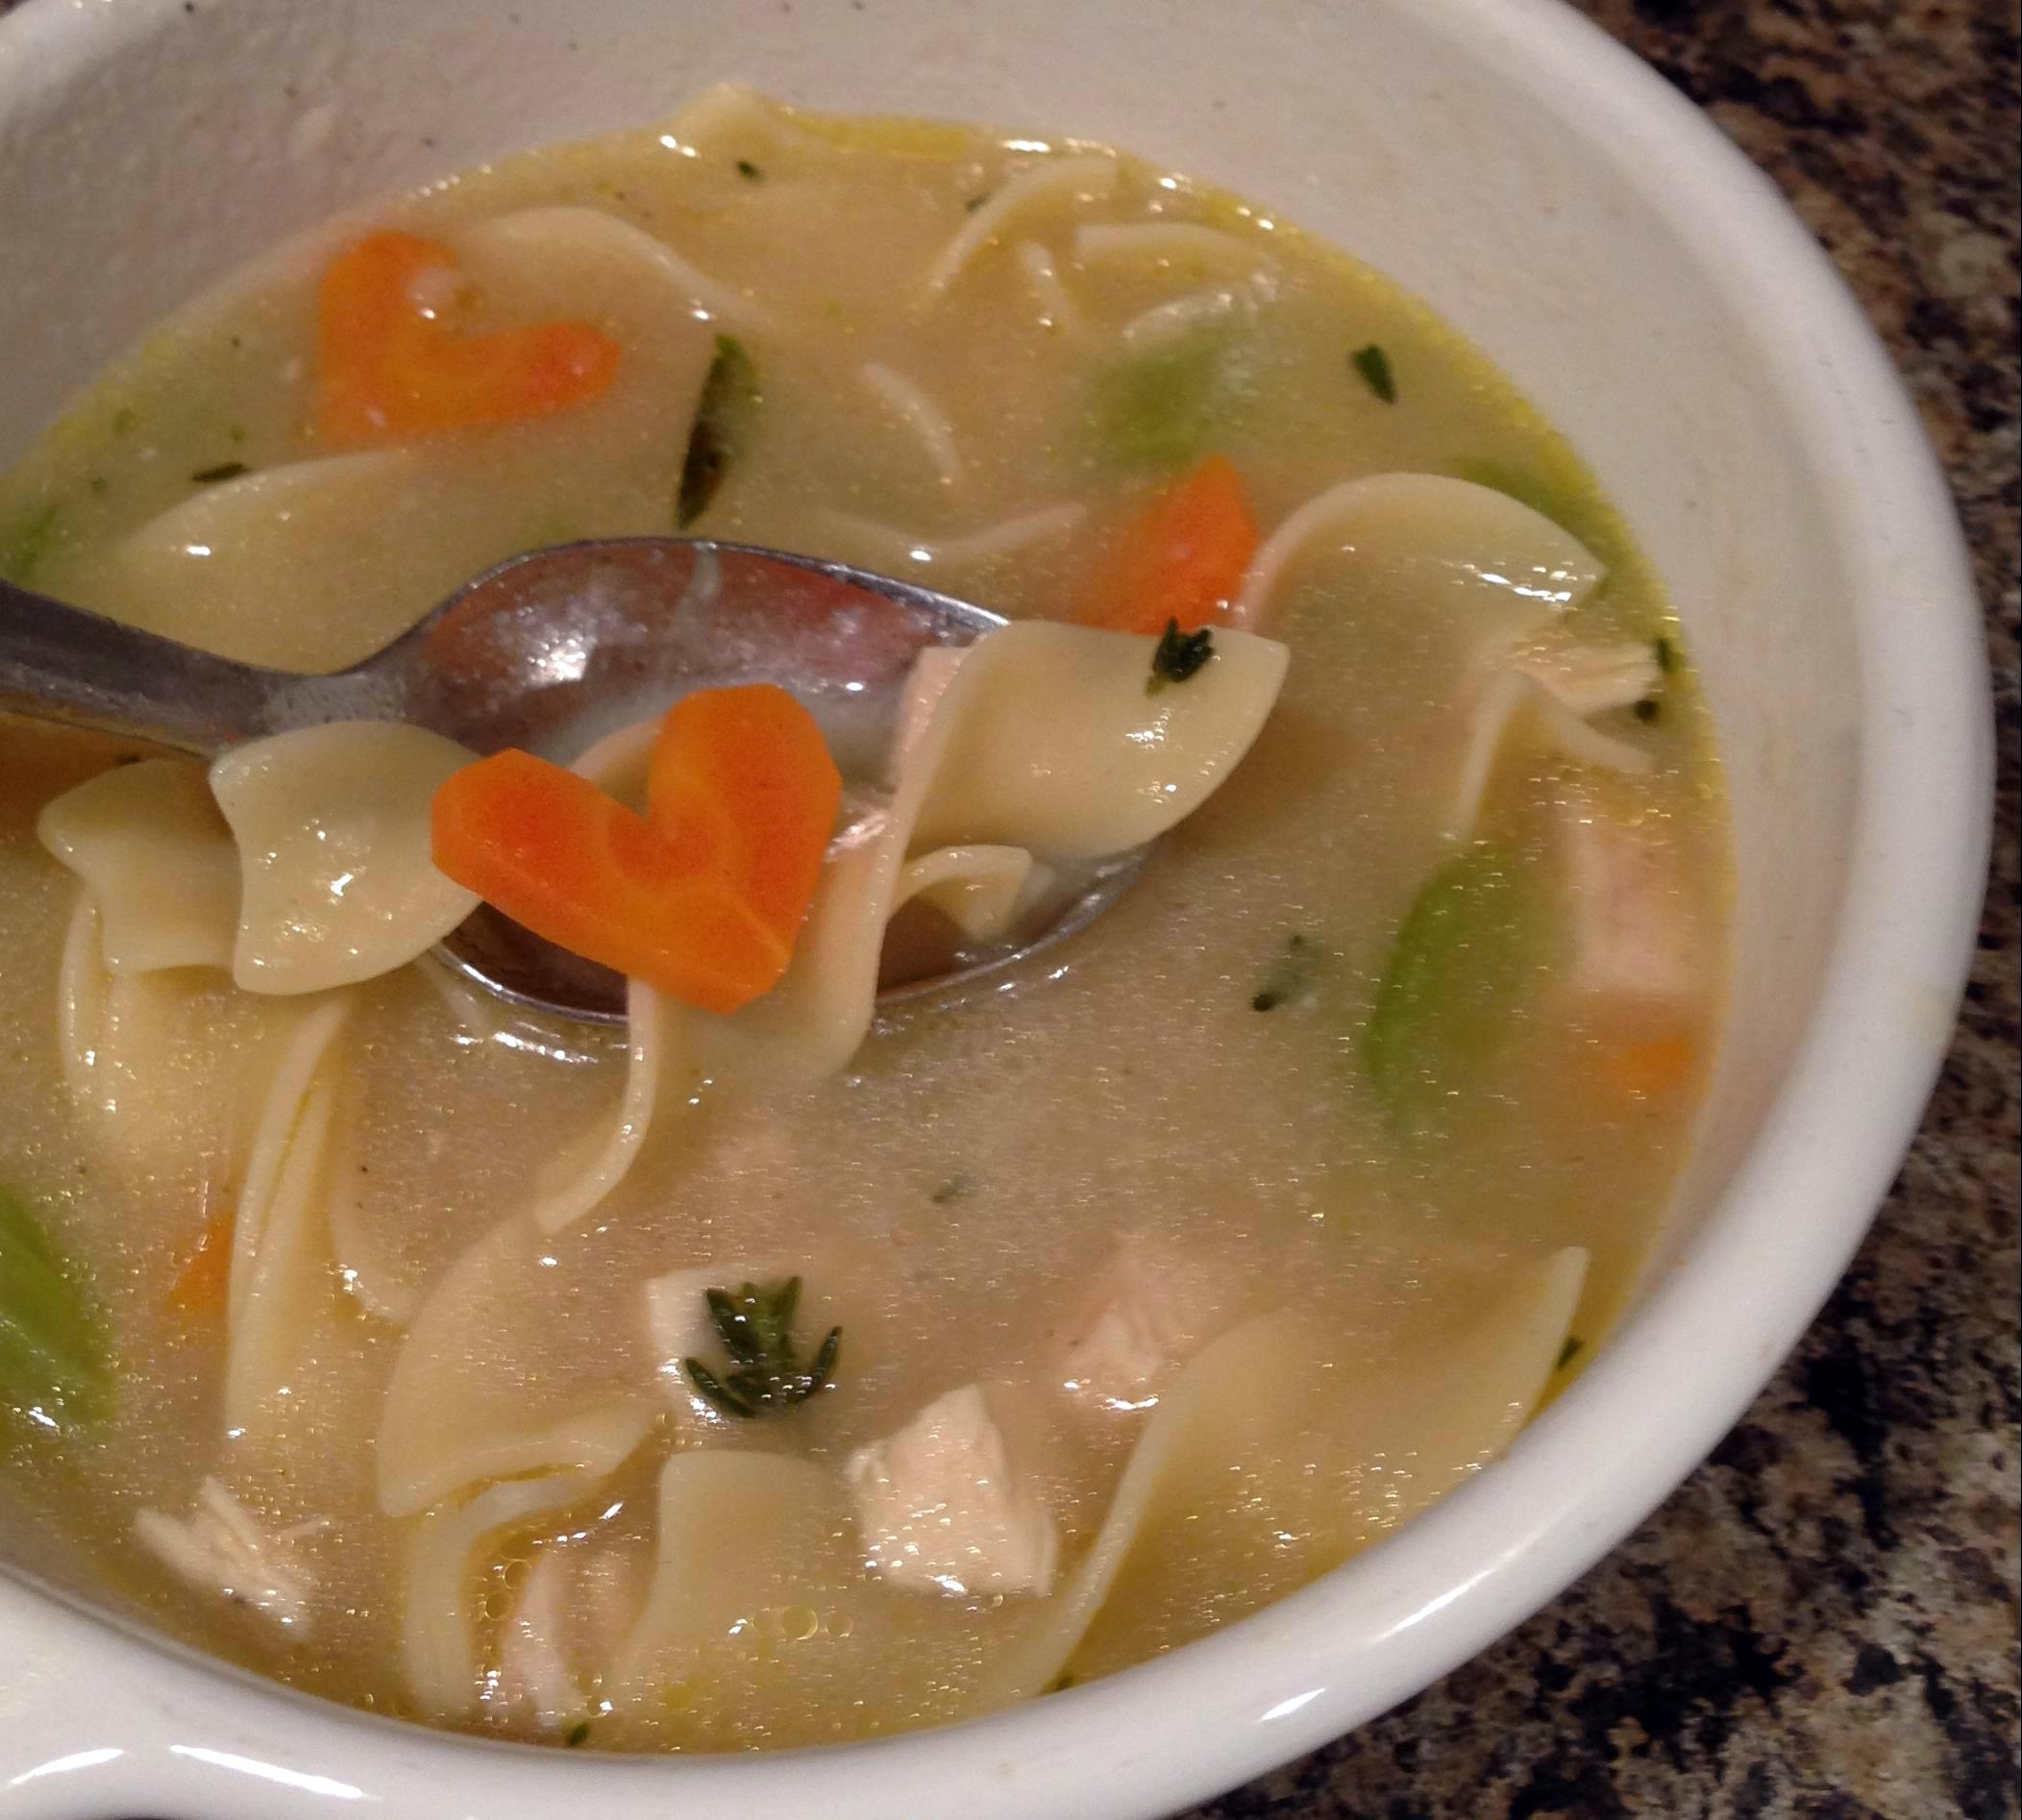 Steve's Chicken Noodle Soup